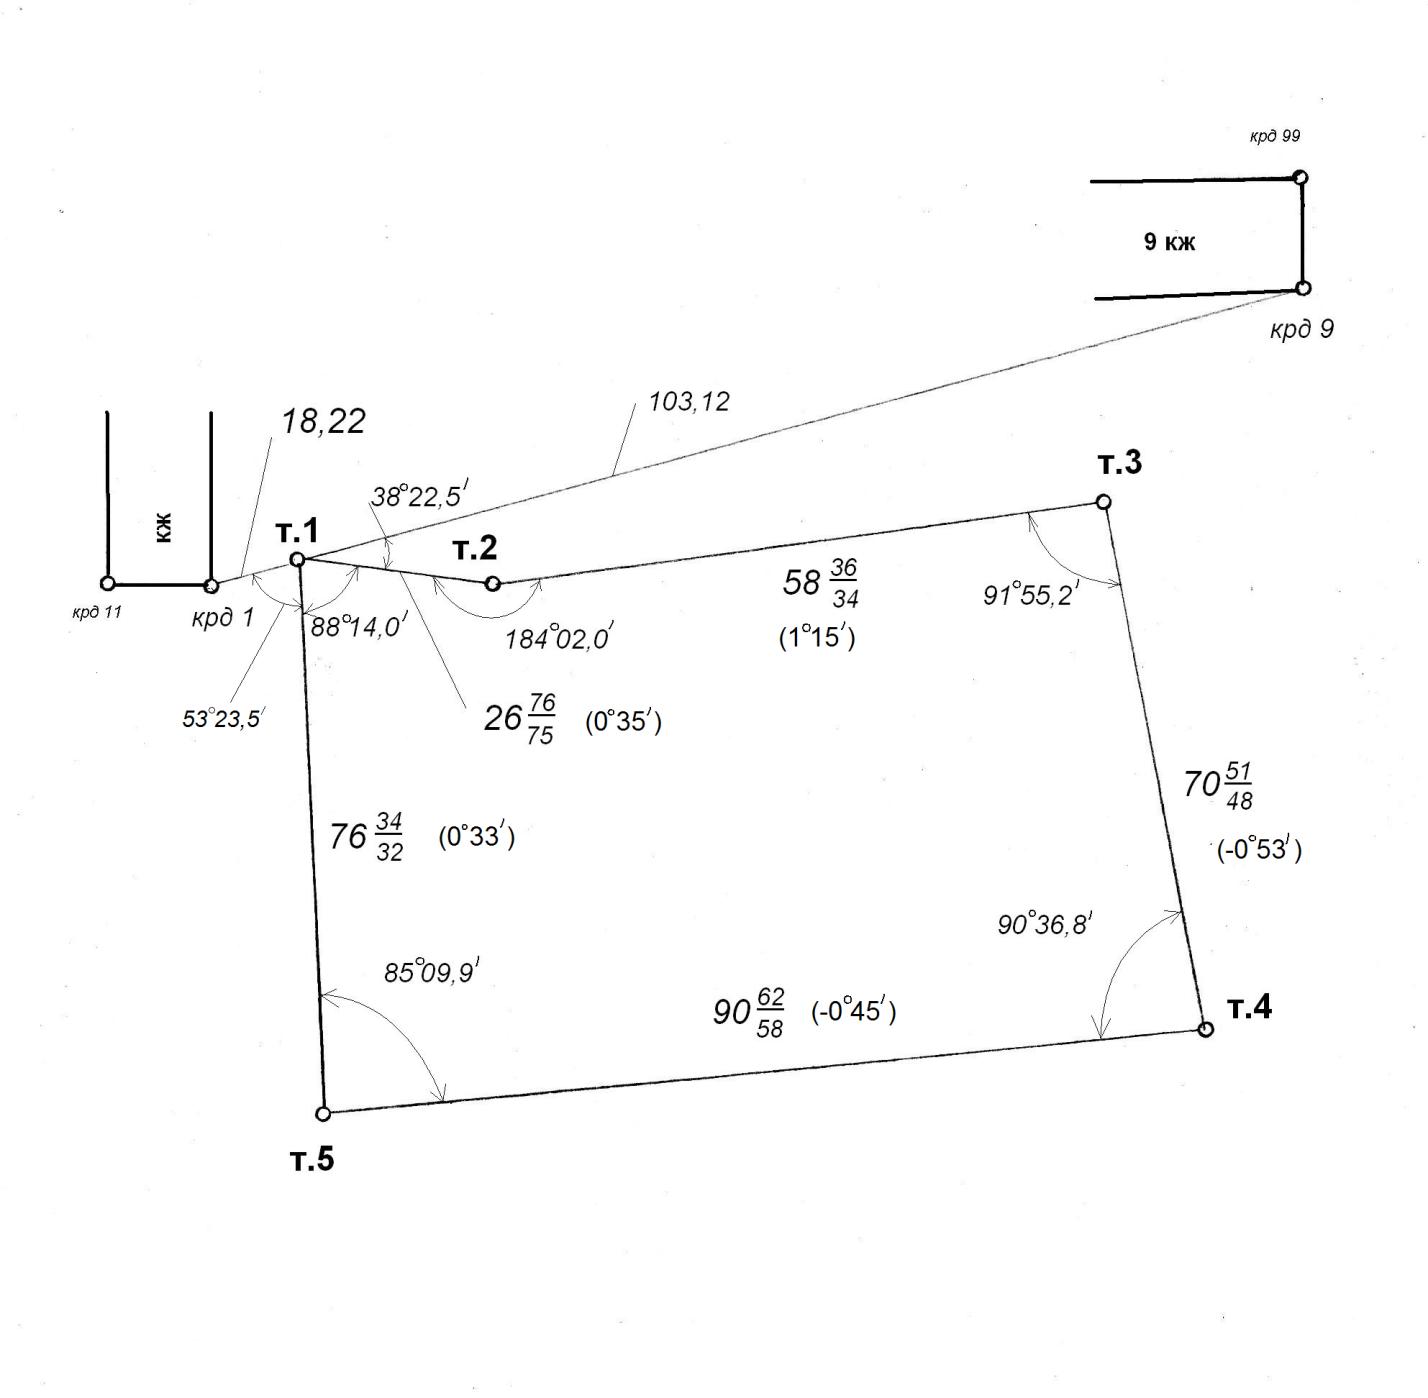 стабилизаторов различие горизонтальной тахиометрический съемки всегда можете купить